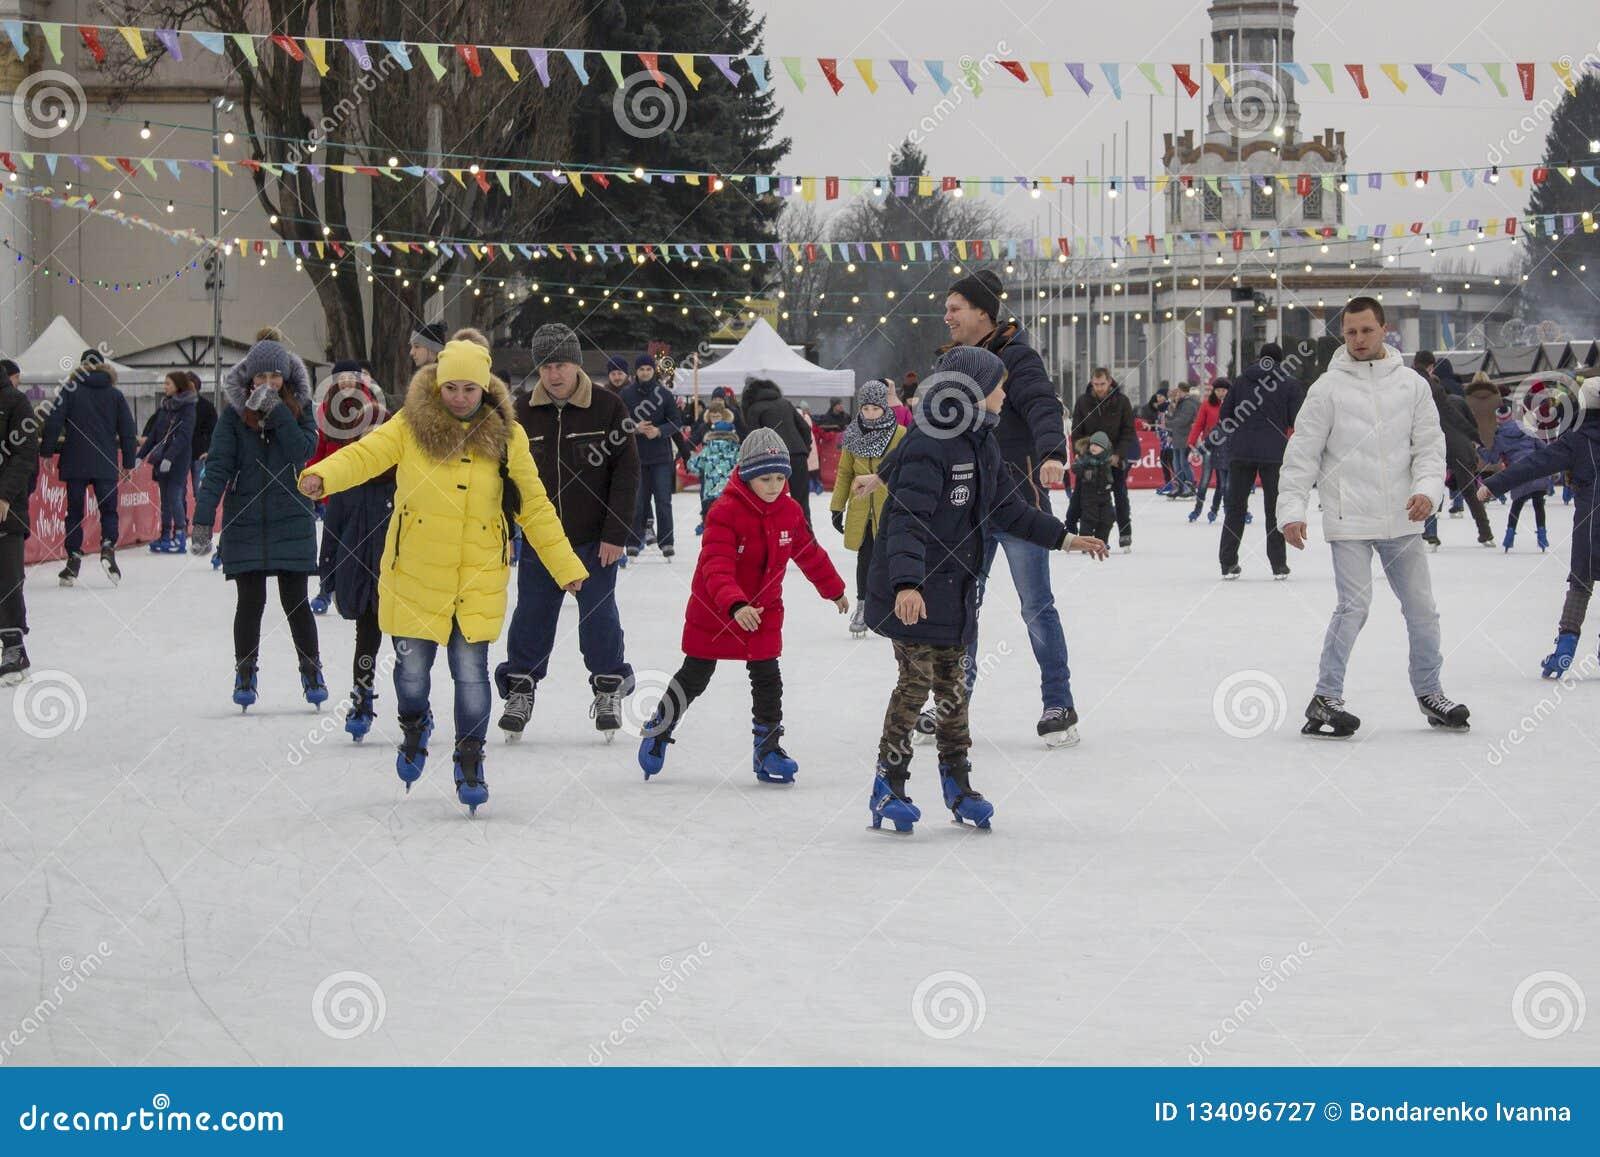 Kyiv Ukraina - 01 01 2018: lyckligt folk som åker skridskor på isbanan på vinterferierna